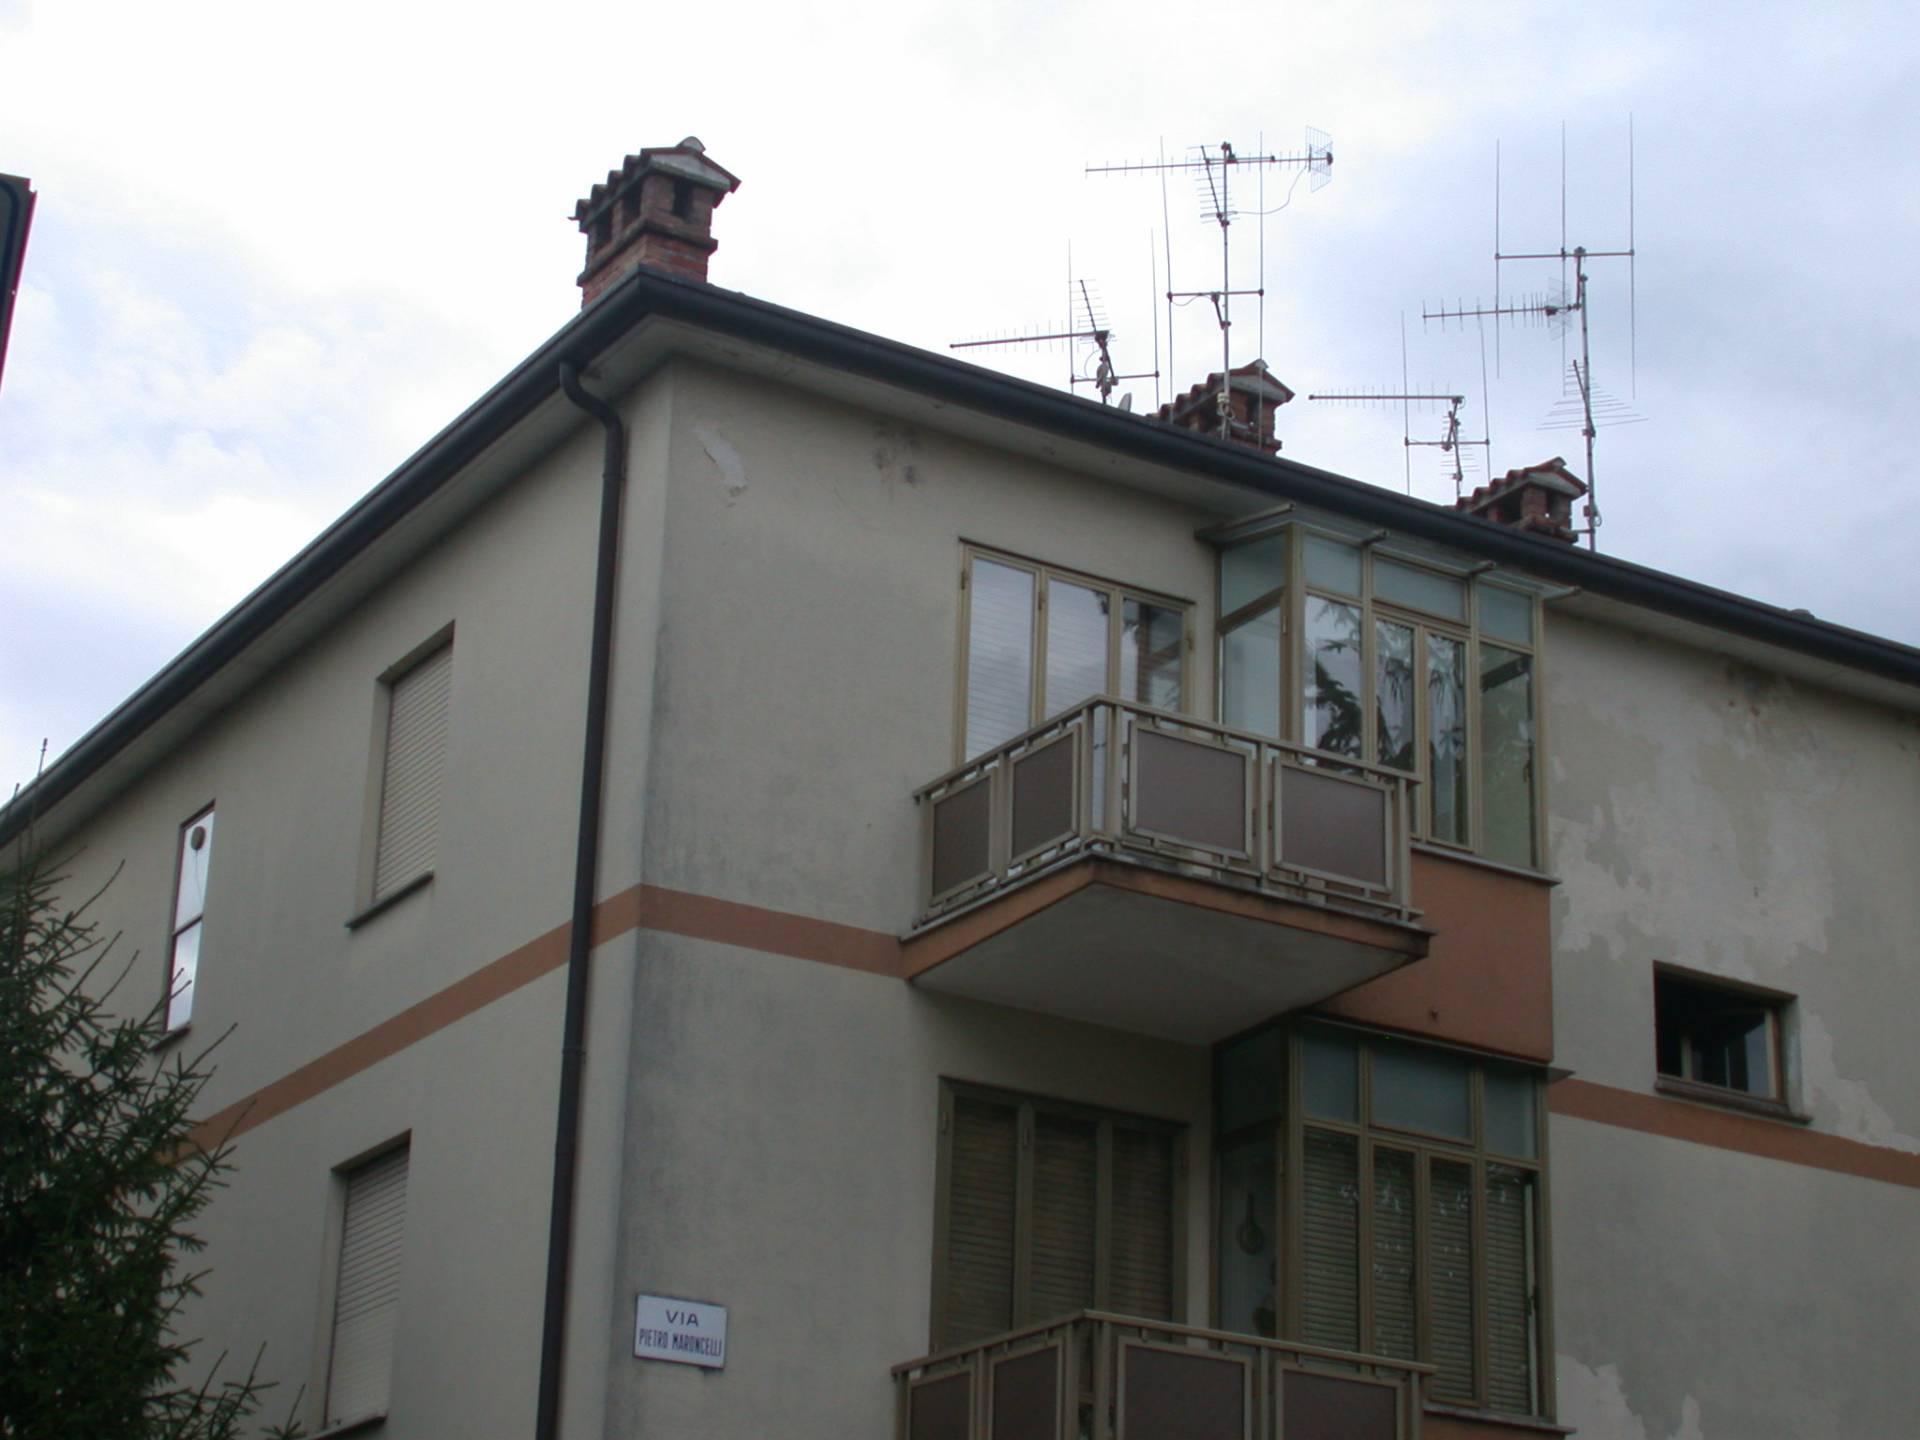 Appartamento in vendita a Gorizia, 6 locali, zona Zona: Lucinico, prezzo € 49.000 | Cambio Casa.it